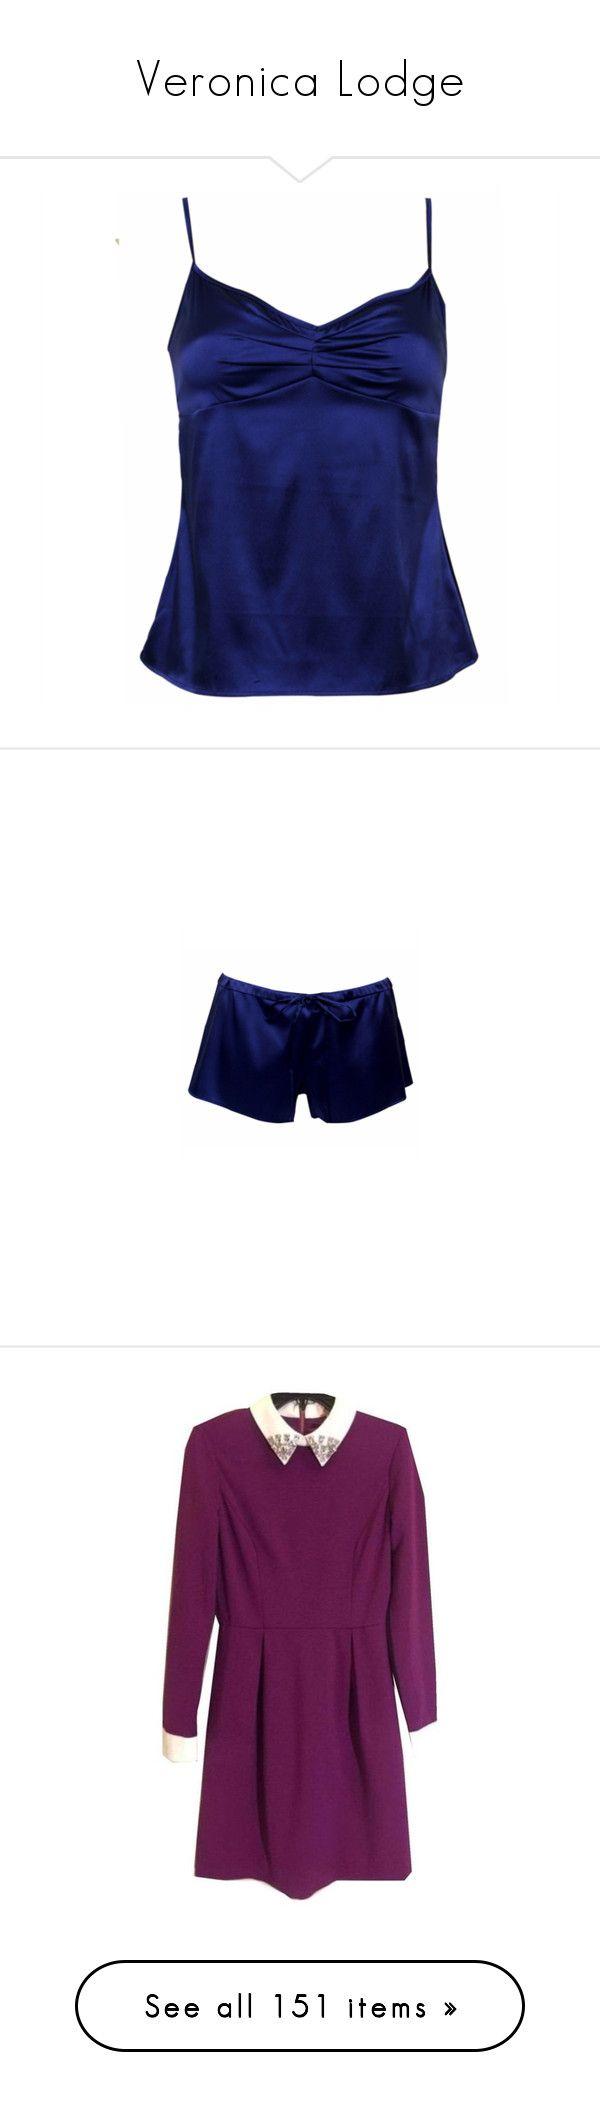 Veronica Lodge Underwear